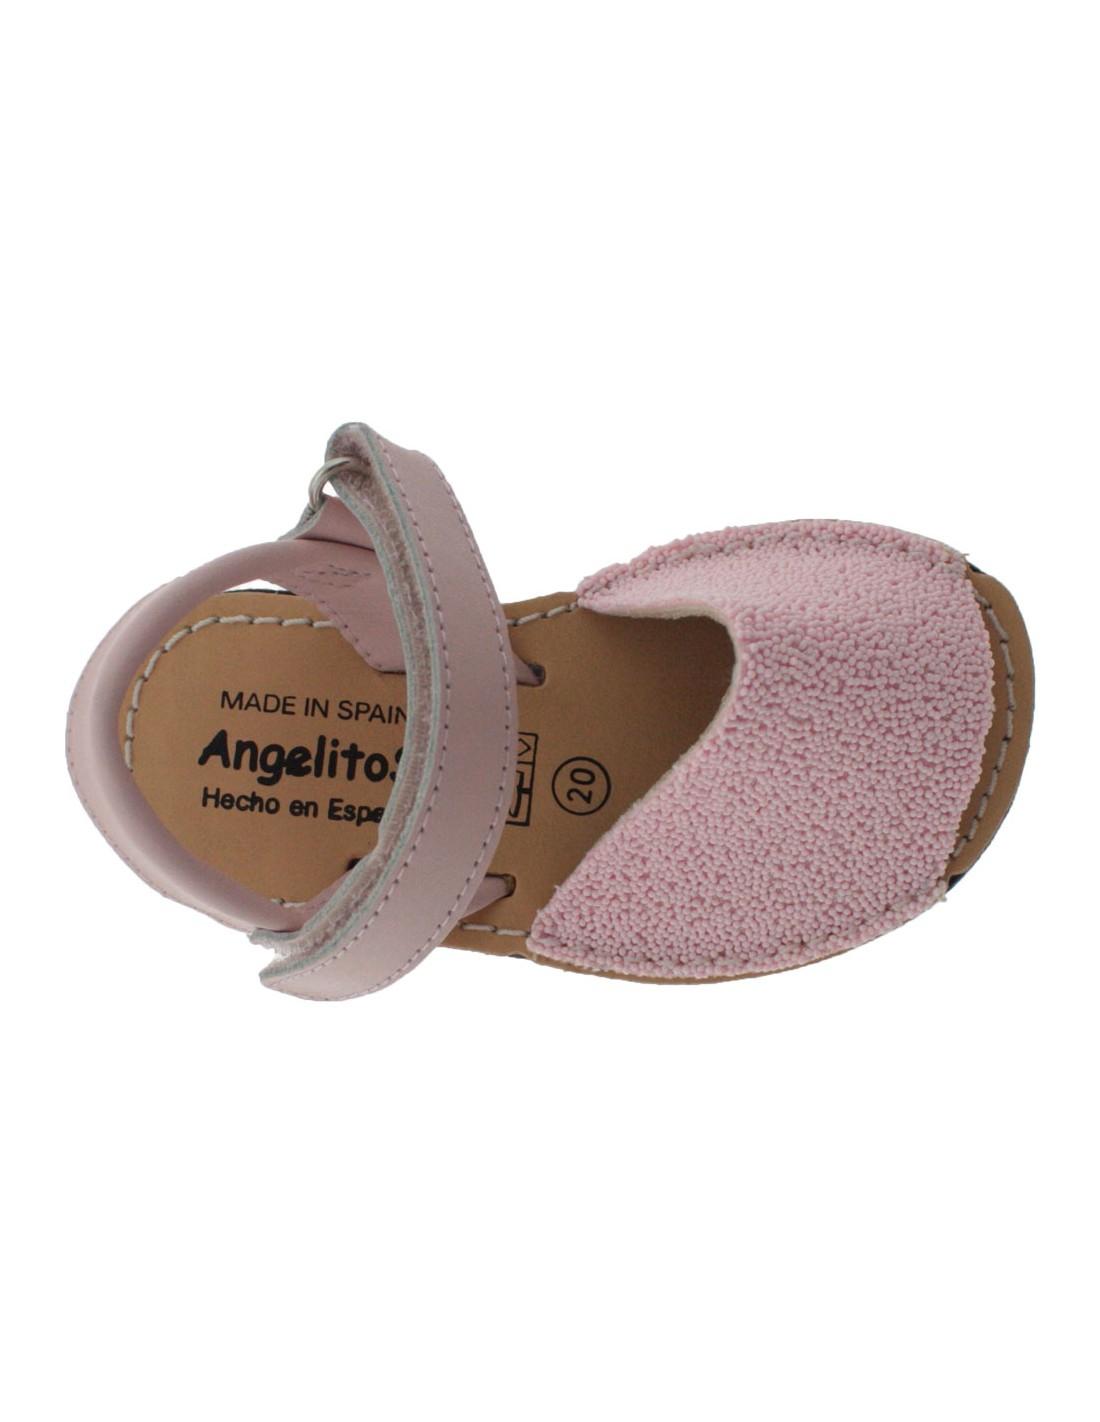 Minorchine bambina Angelitos 210 micro perle rosa con strappo in pelle sandali